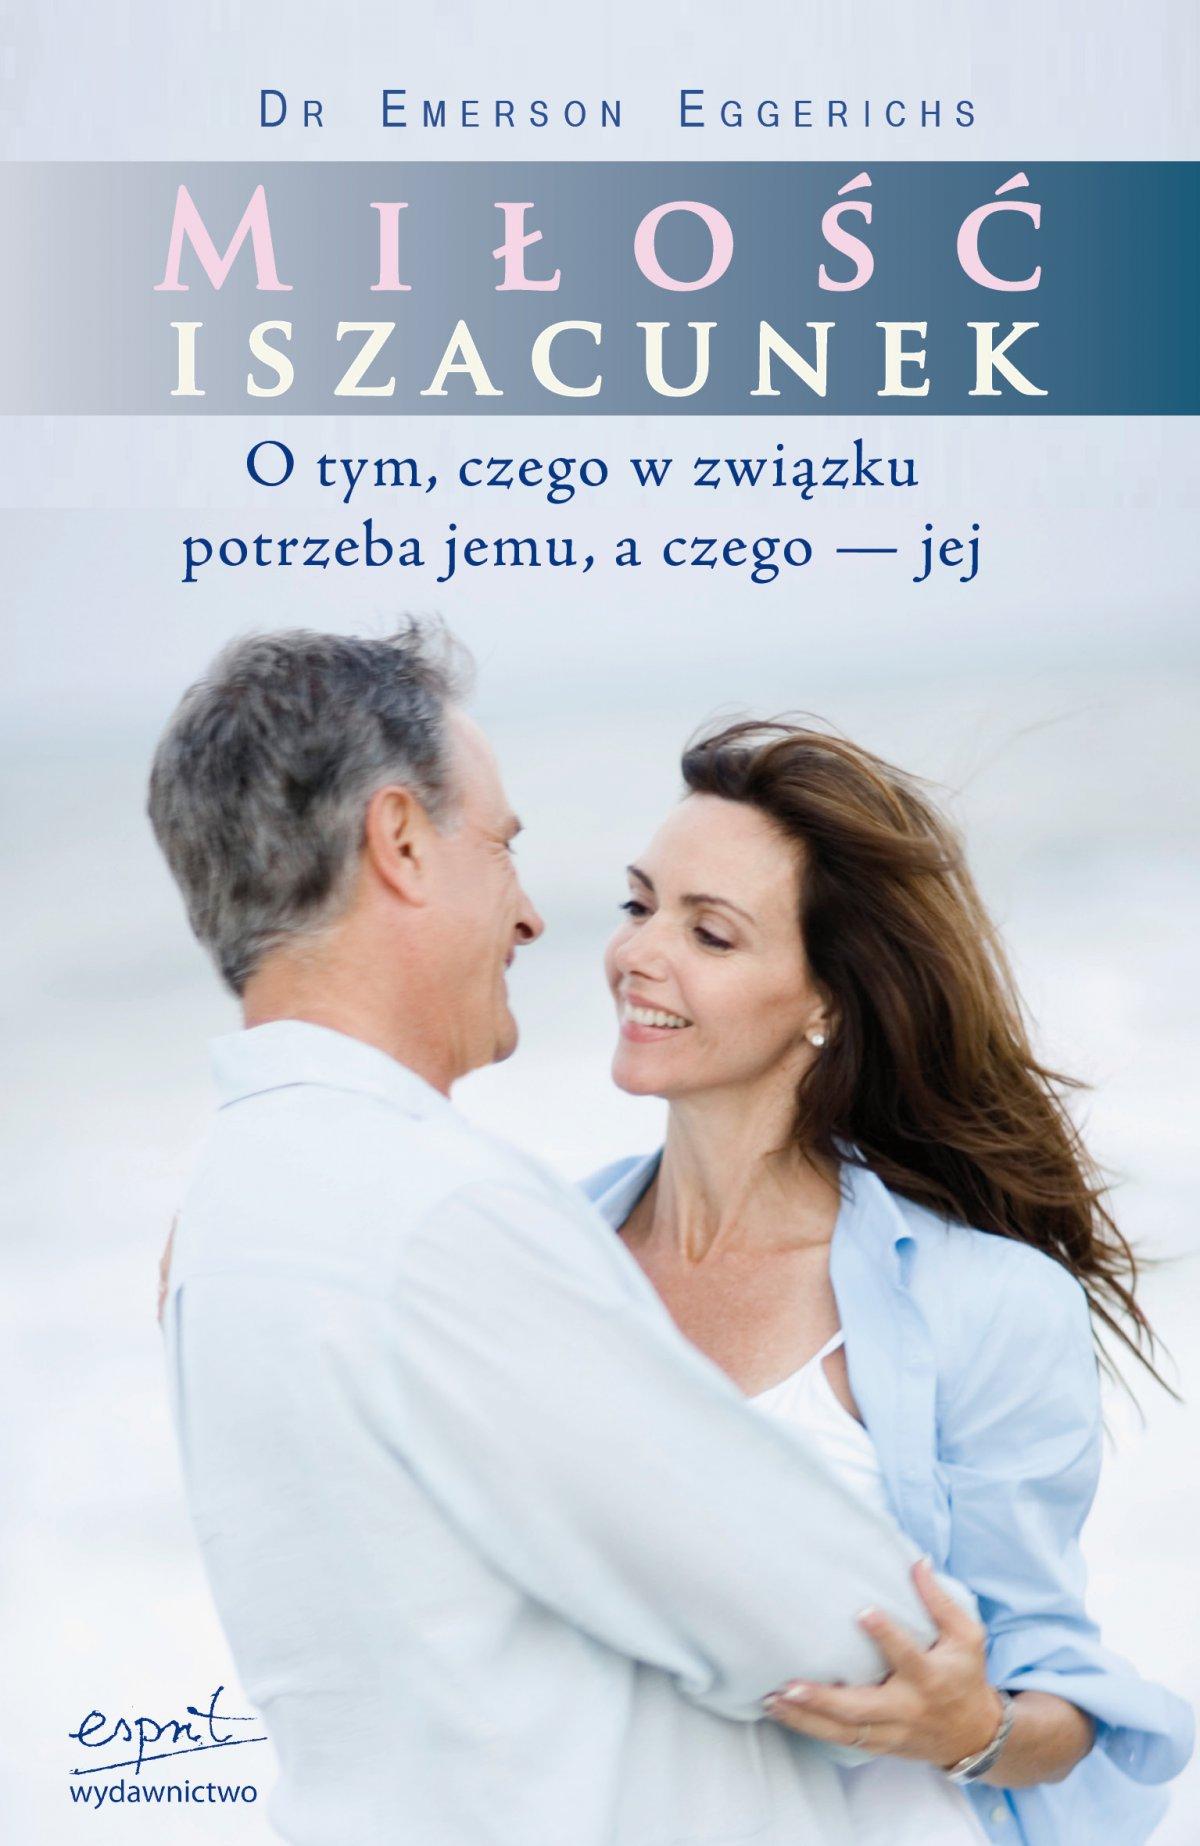 Miłość i szacunek - Ebook (Książka EPUB) do pobrania w formacie EPUB